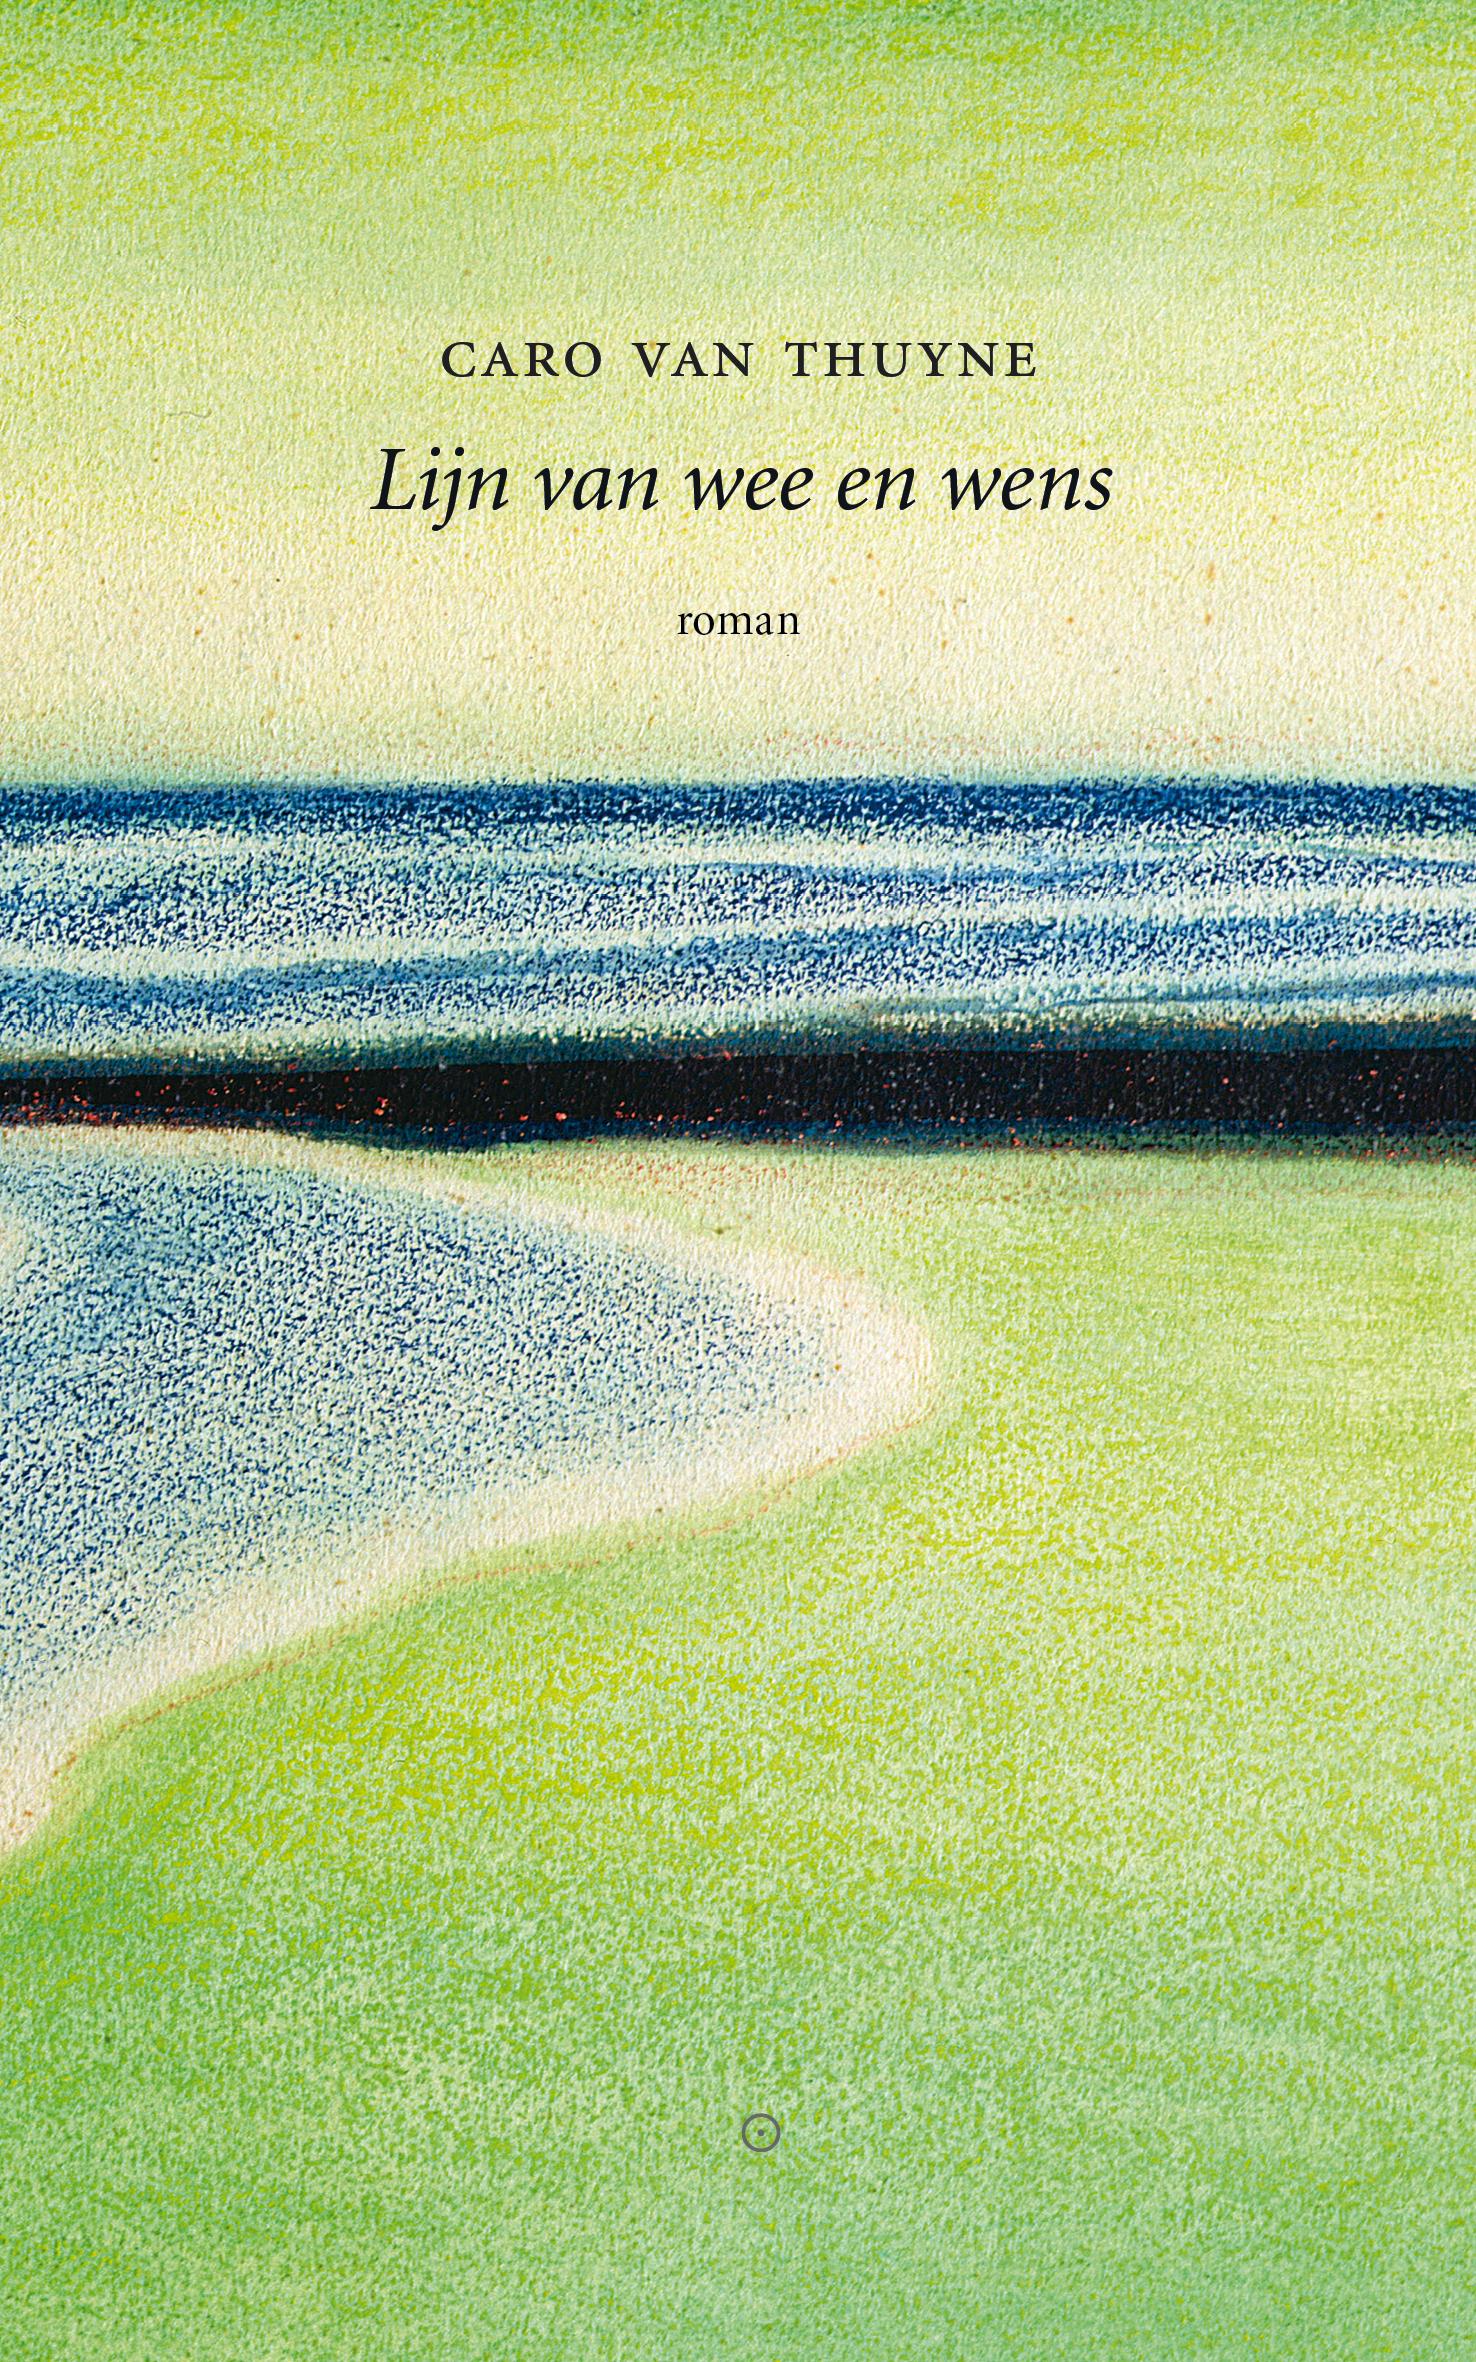 Lijn van wee en wens – Caro Van Thuyne